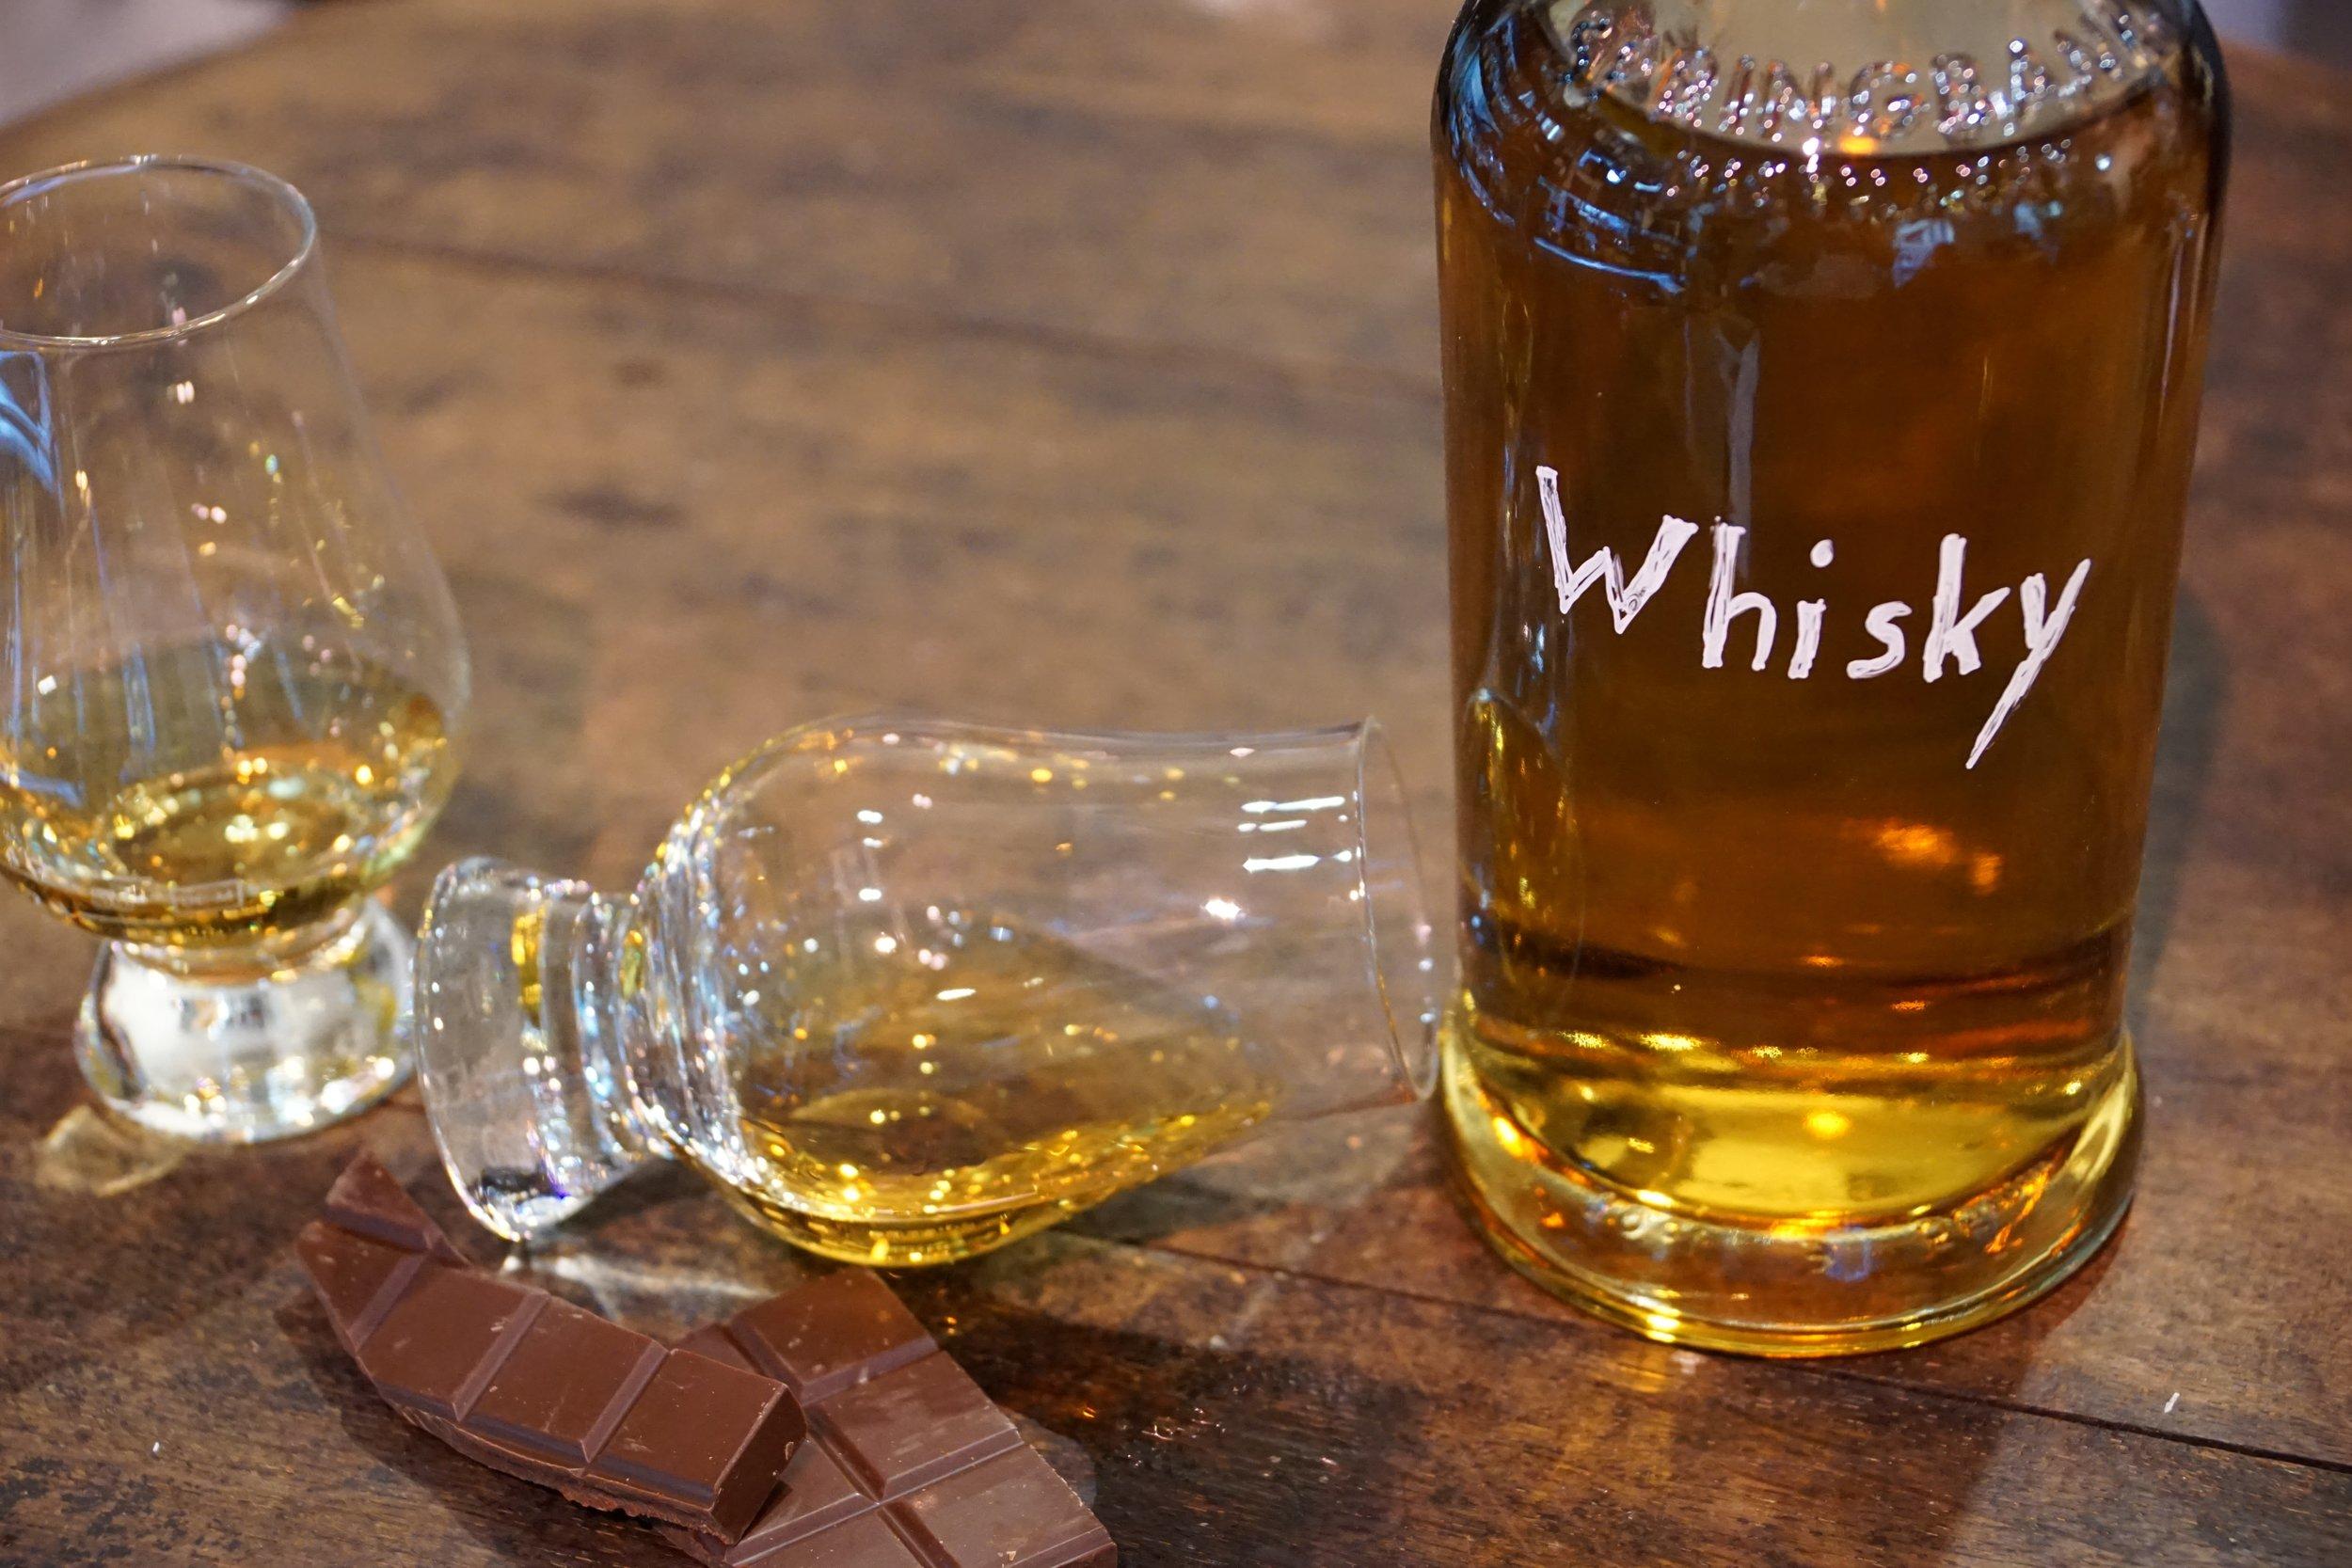 whisky-1547535.jpg